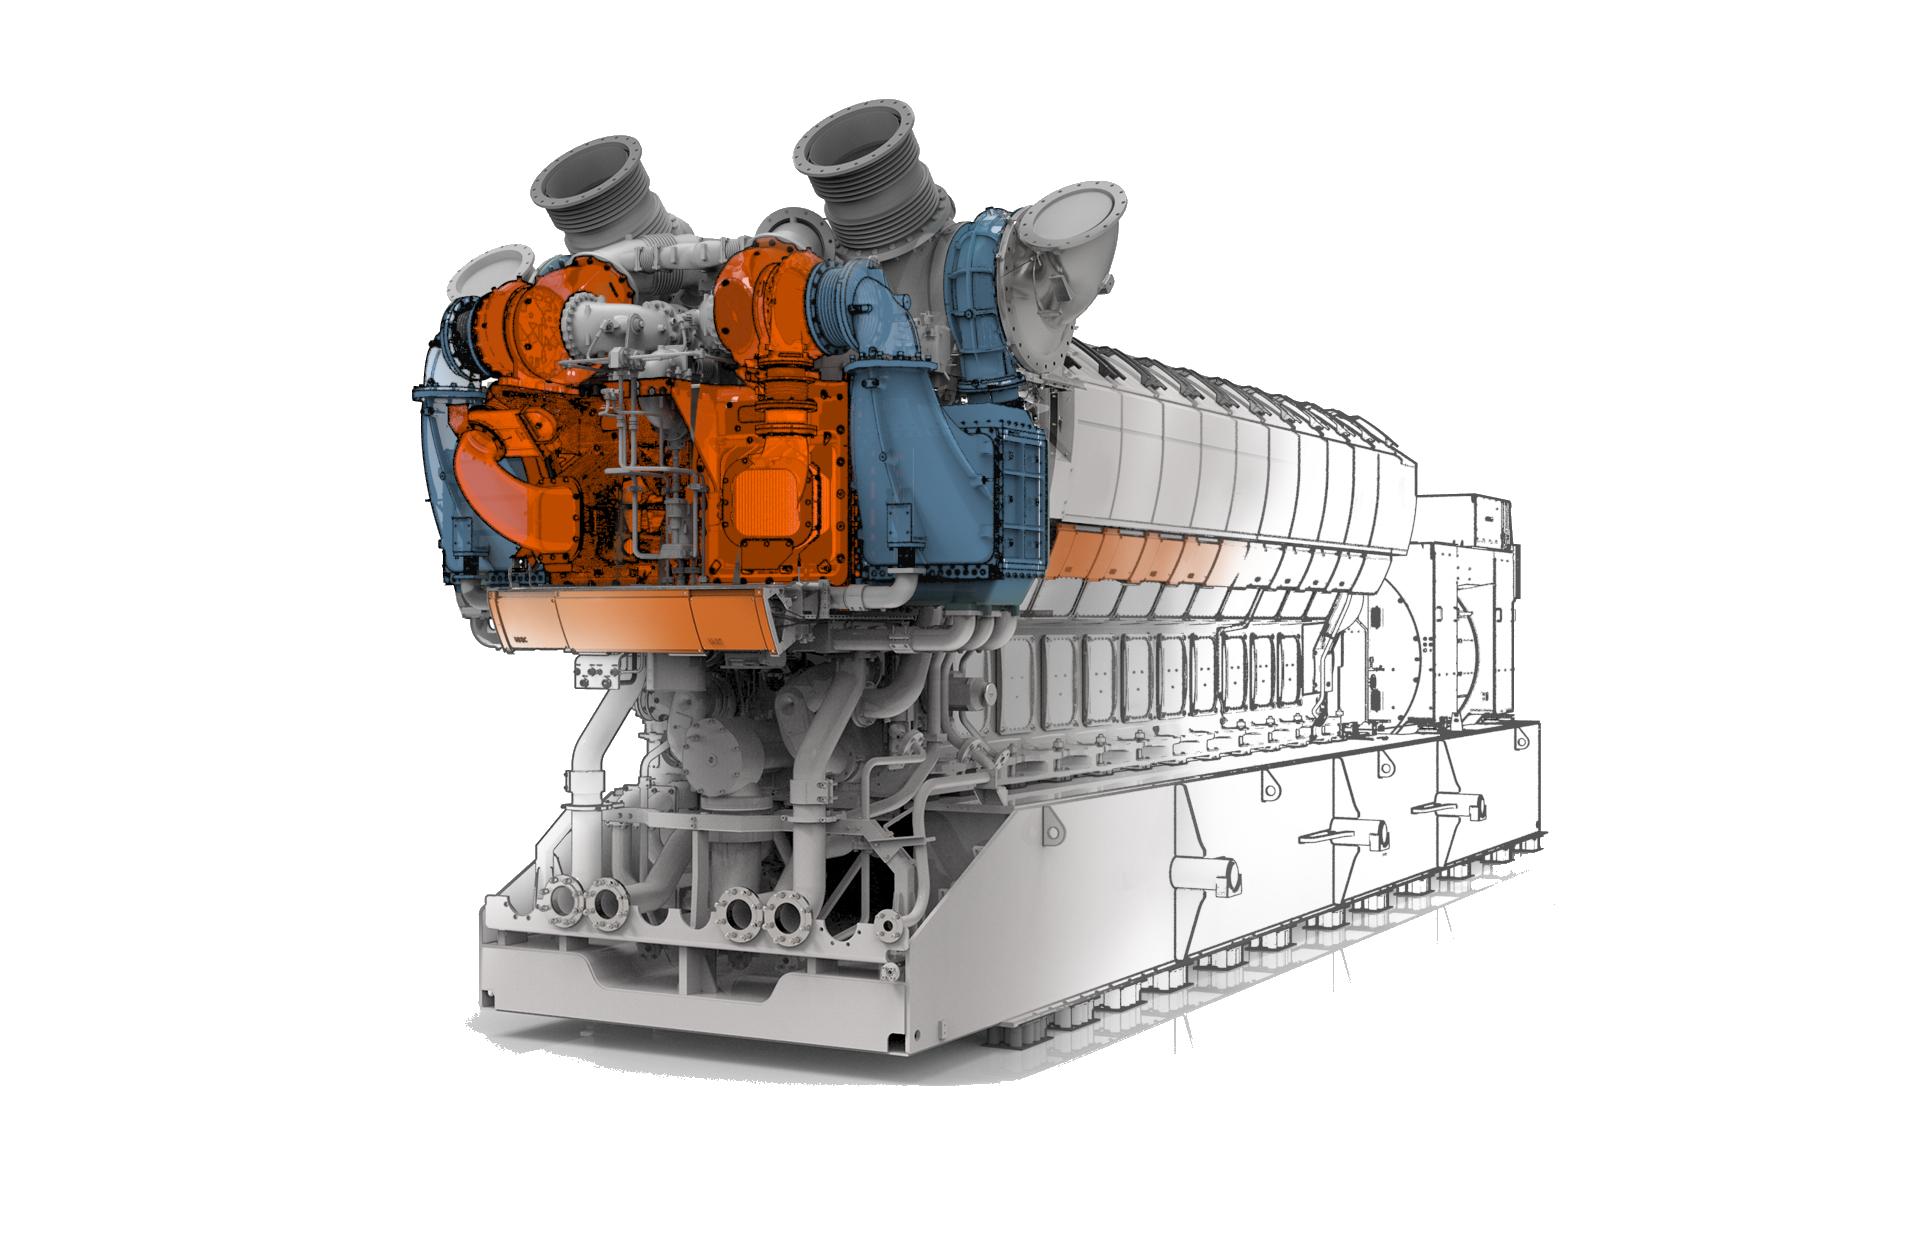 wartsila-31sg-the-worlds-most-efficient-4stroke-engine